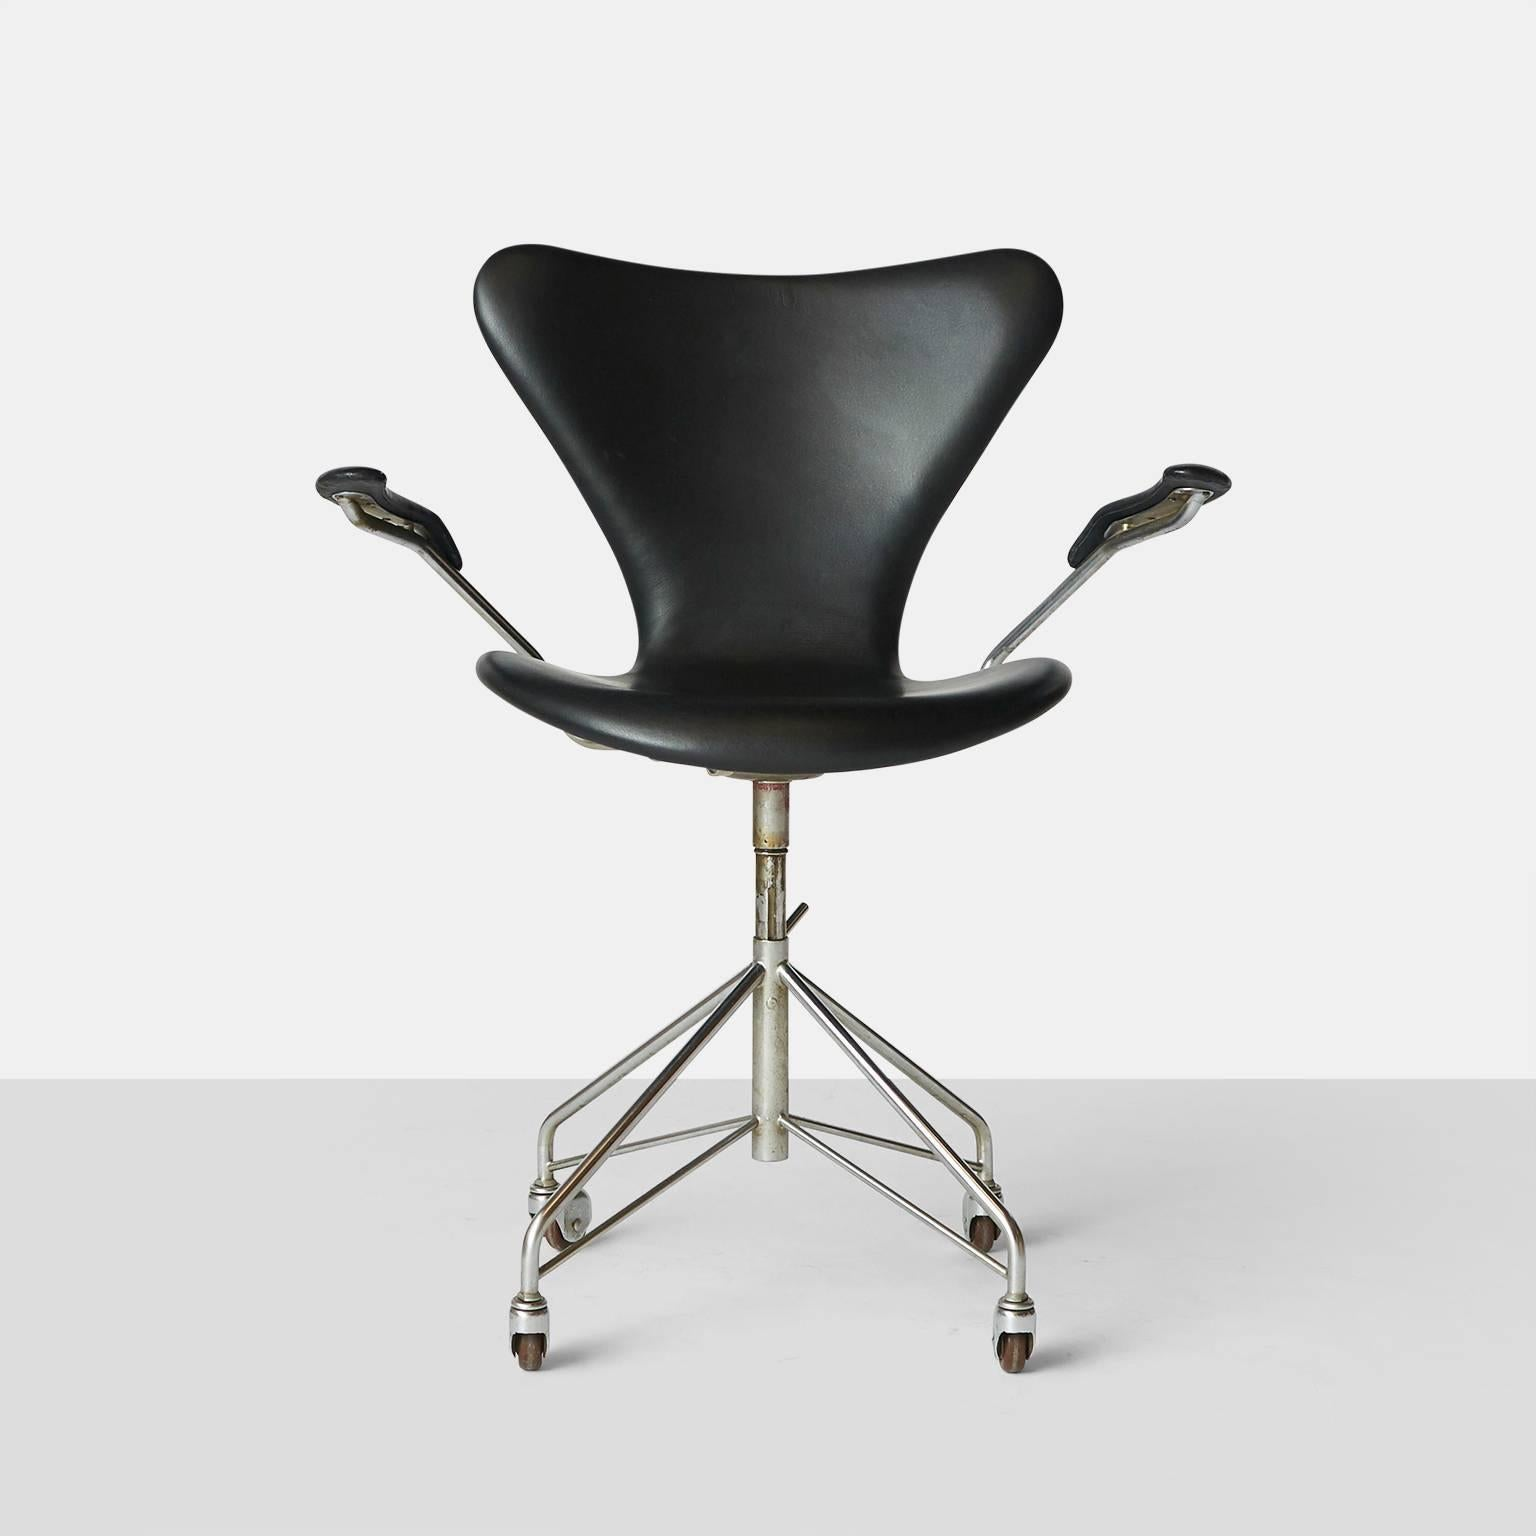 Arne Jacobsen Swivel Desk Chair Model 3217 For Sale at 1stdibs